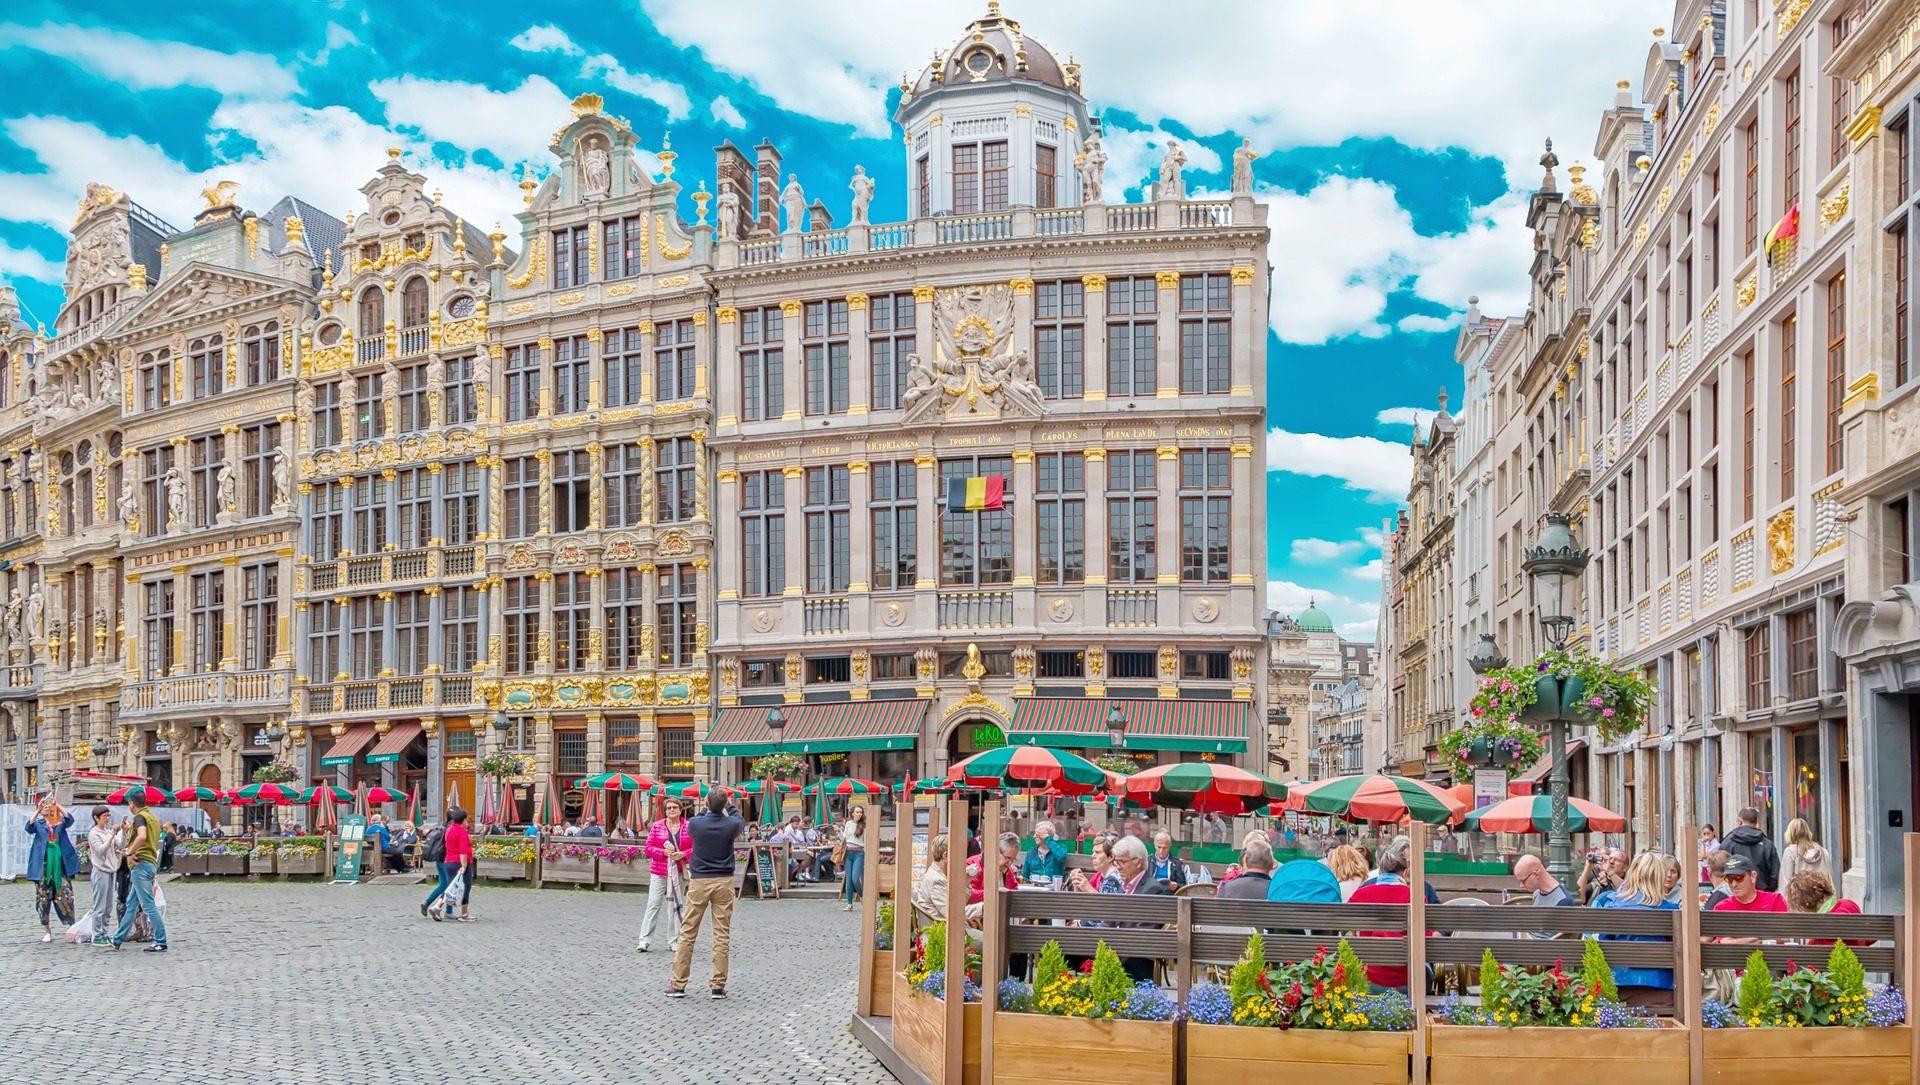 Markplatz in der Landeshauptstadt Belgiens